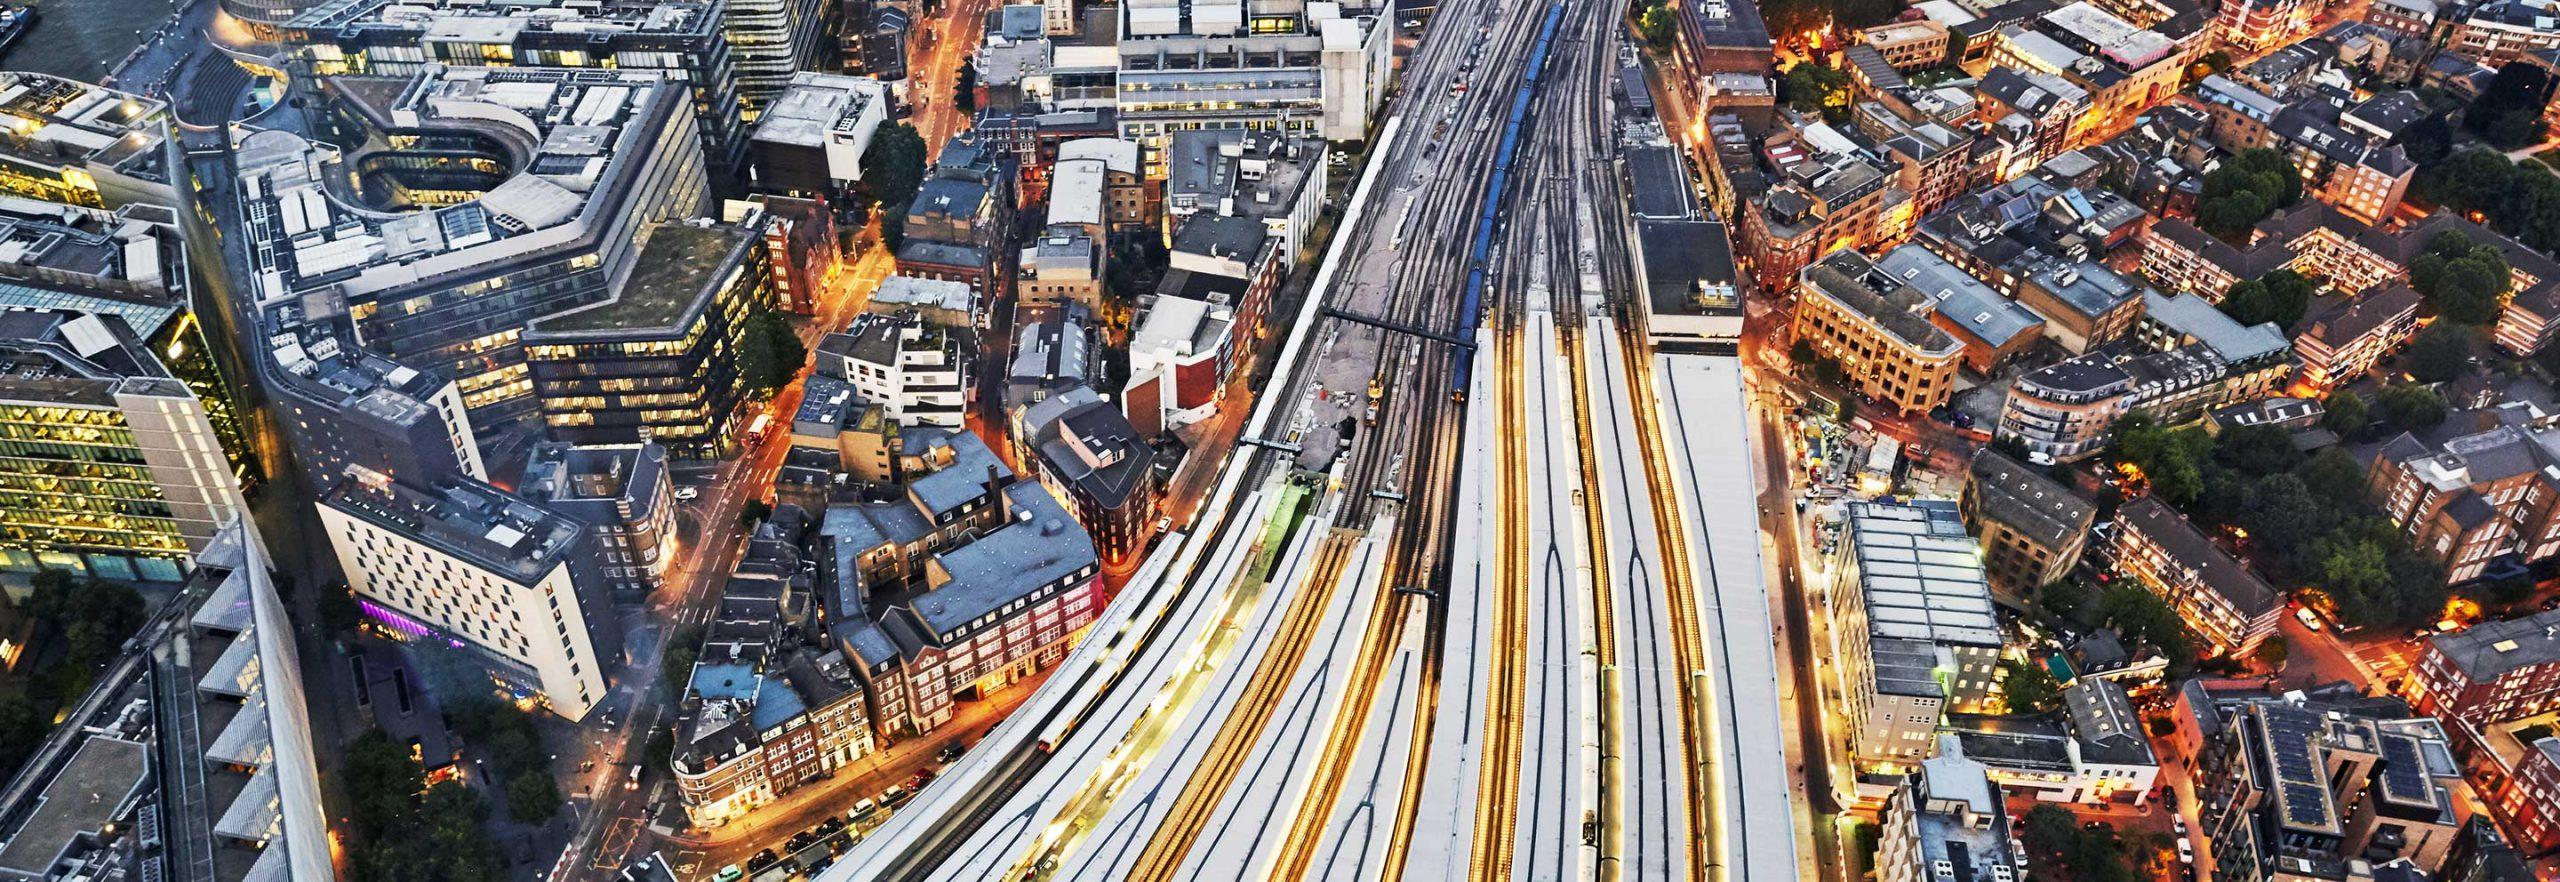 Improving Railway efficiency